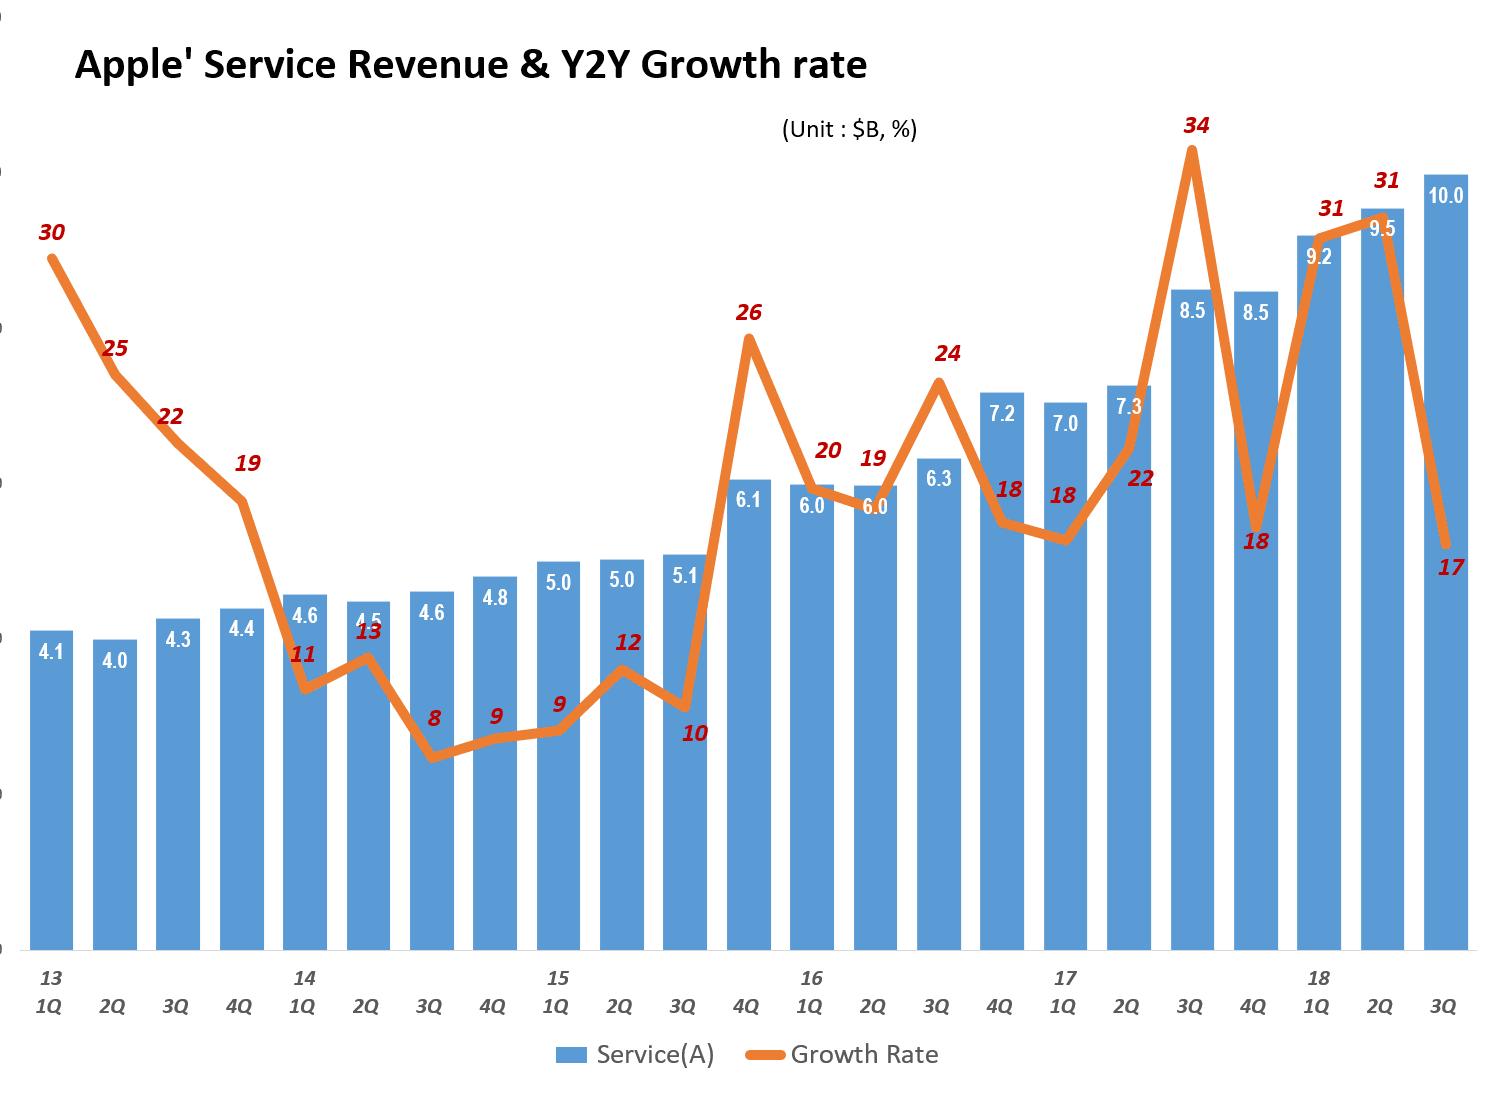 분기별 애플 서비스 비지니스 매출 및 전년 비 성장율(2013년 1분기~2018년 3분기) Quarterly Apple' Service Revenue & Y2Y Growth rate, Graph by Happist